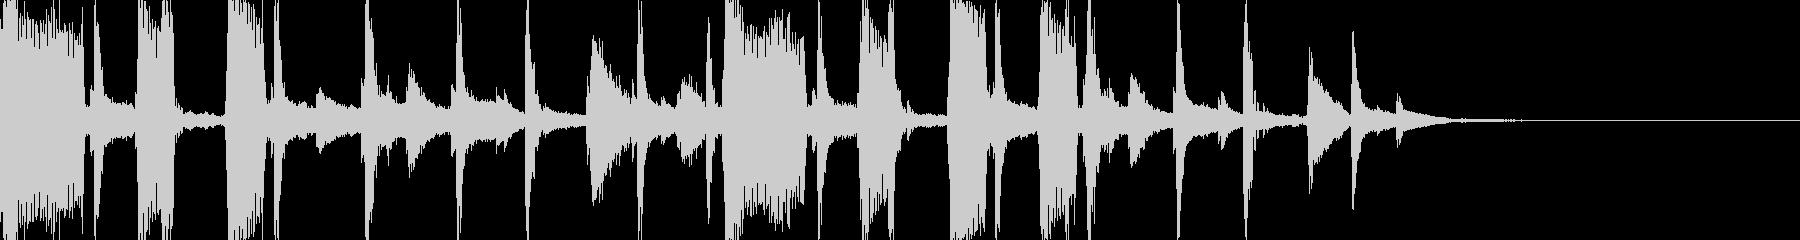 シックでエモいR&Bジングル/BGMの未再生の波形